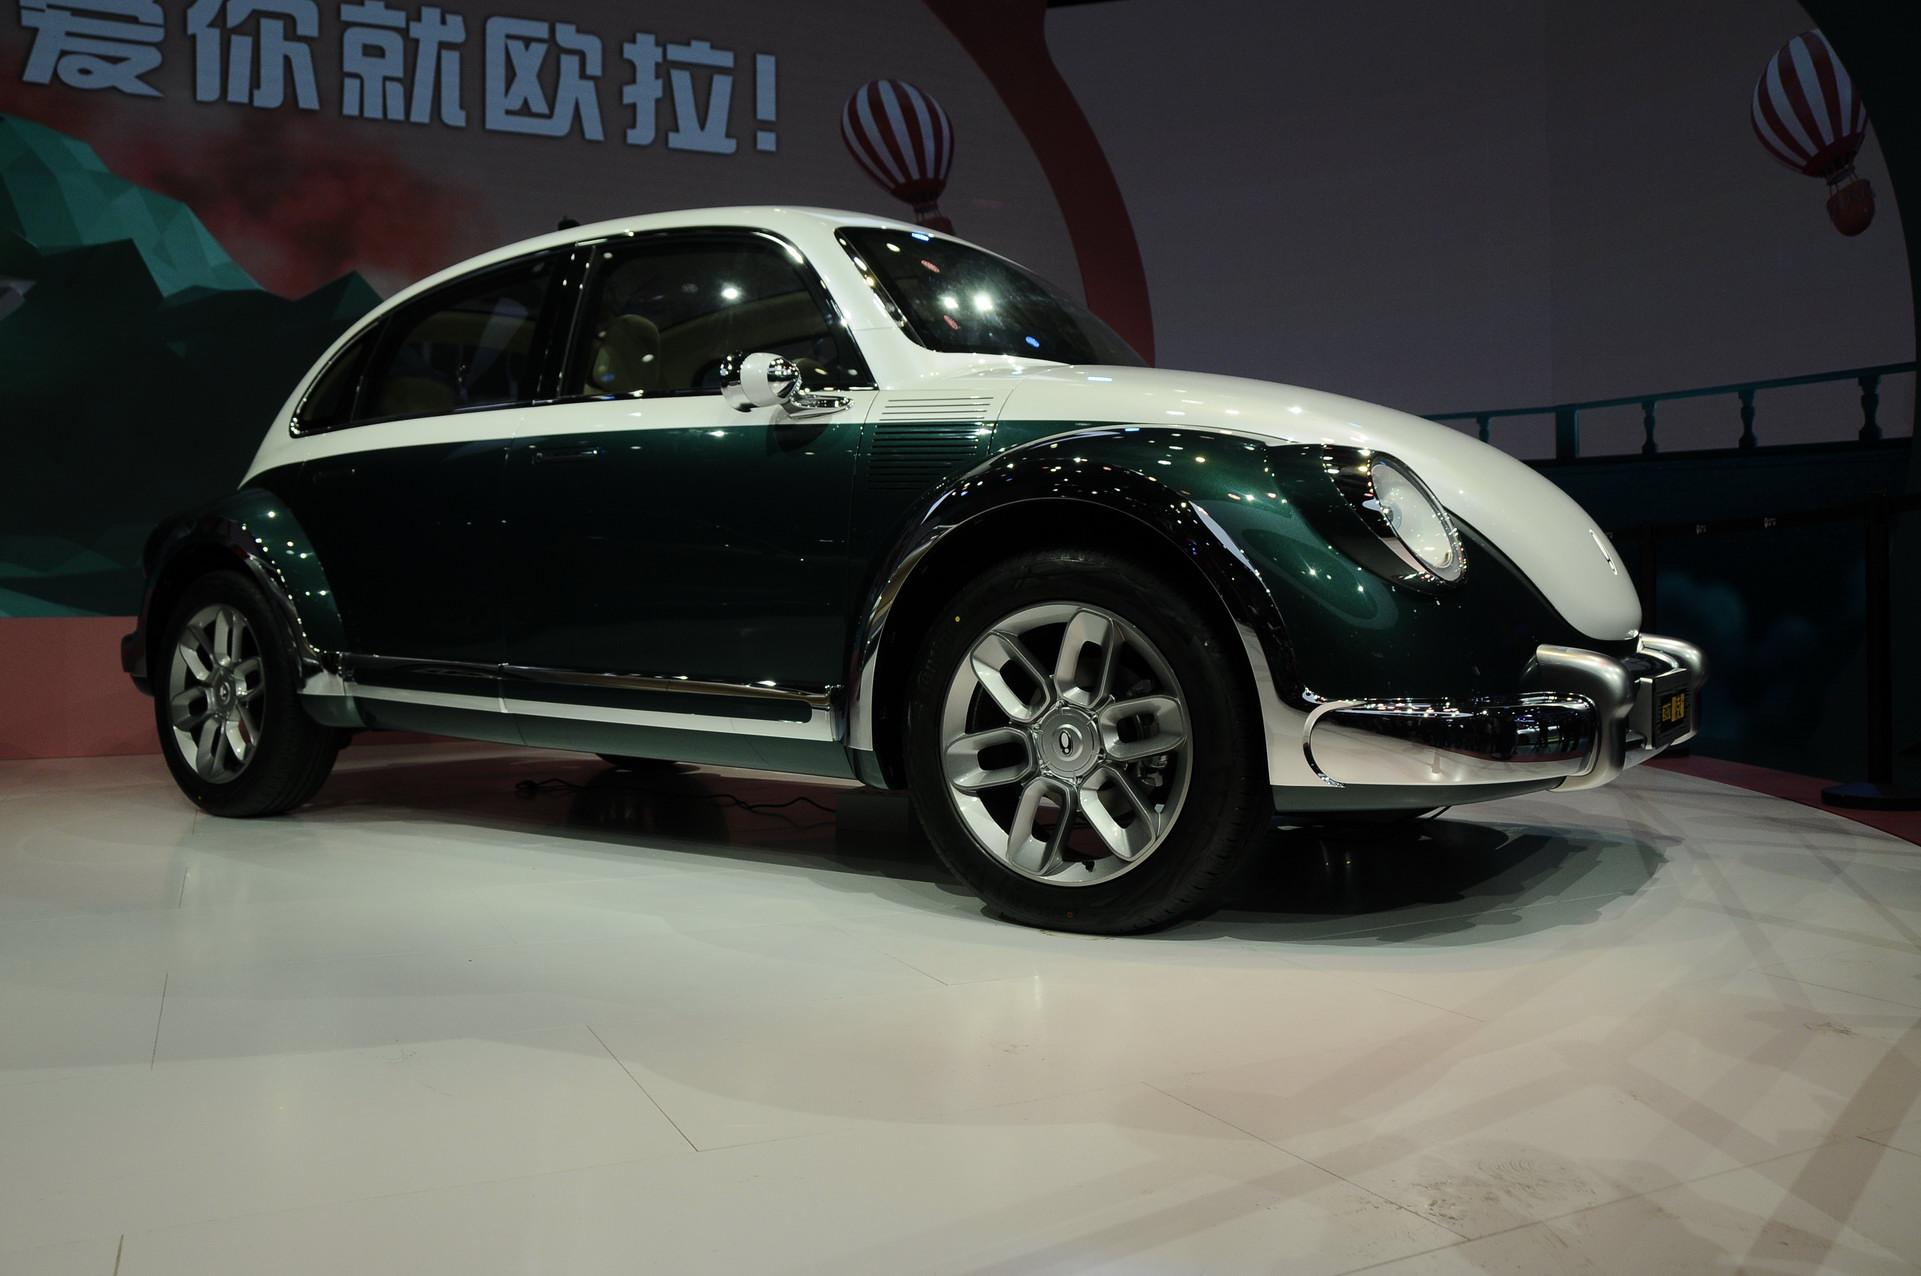 Ora-Punk-Car-1